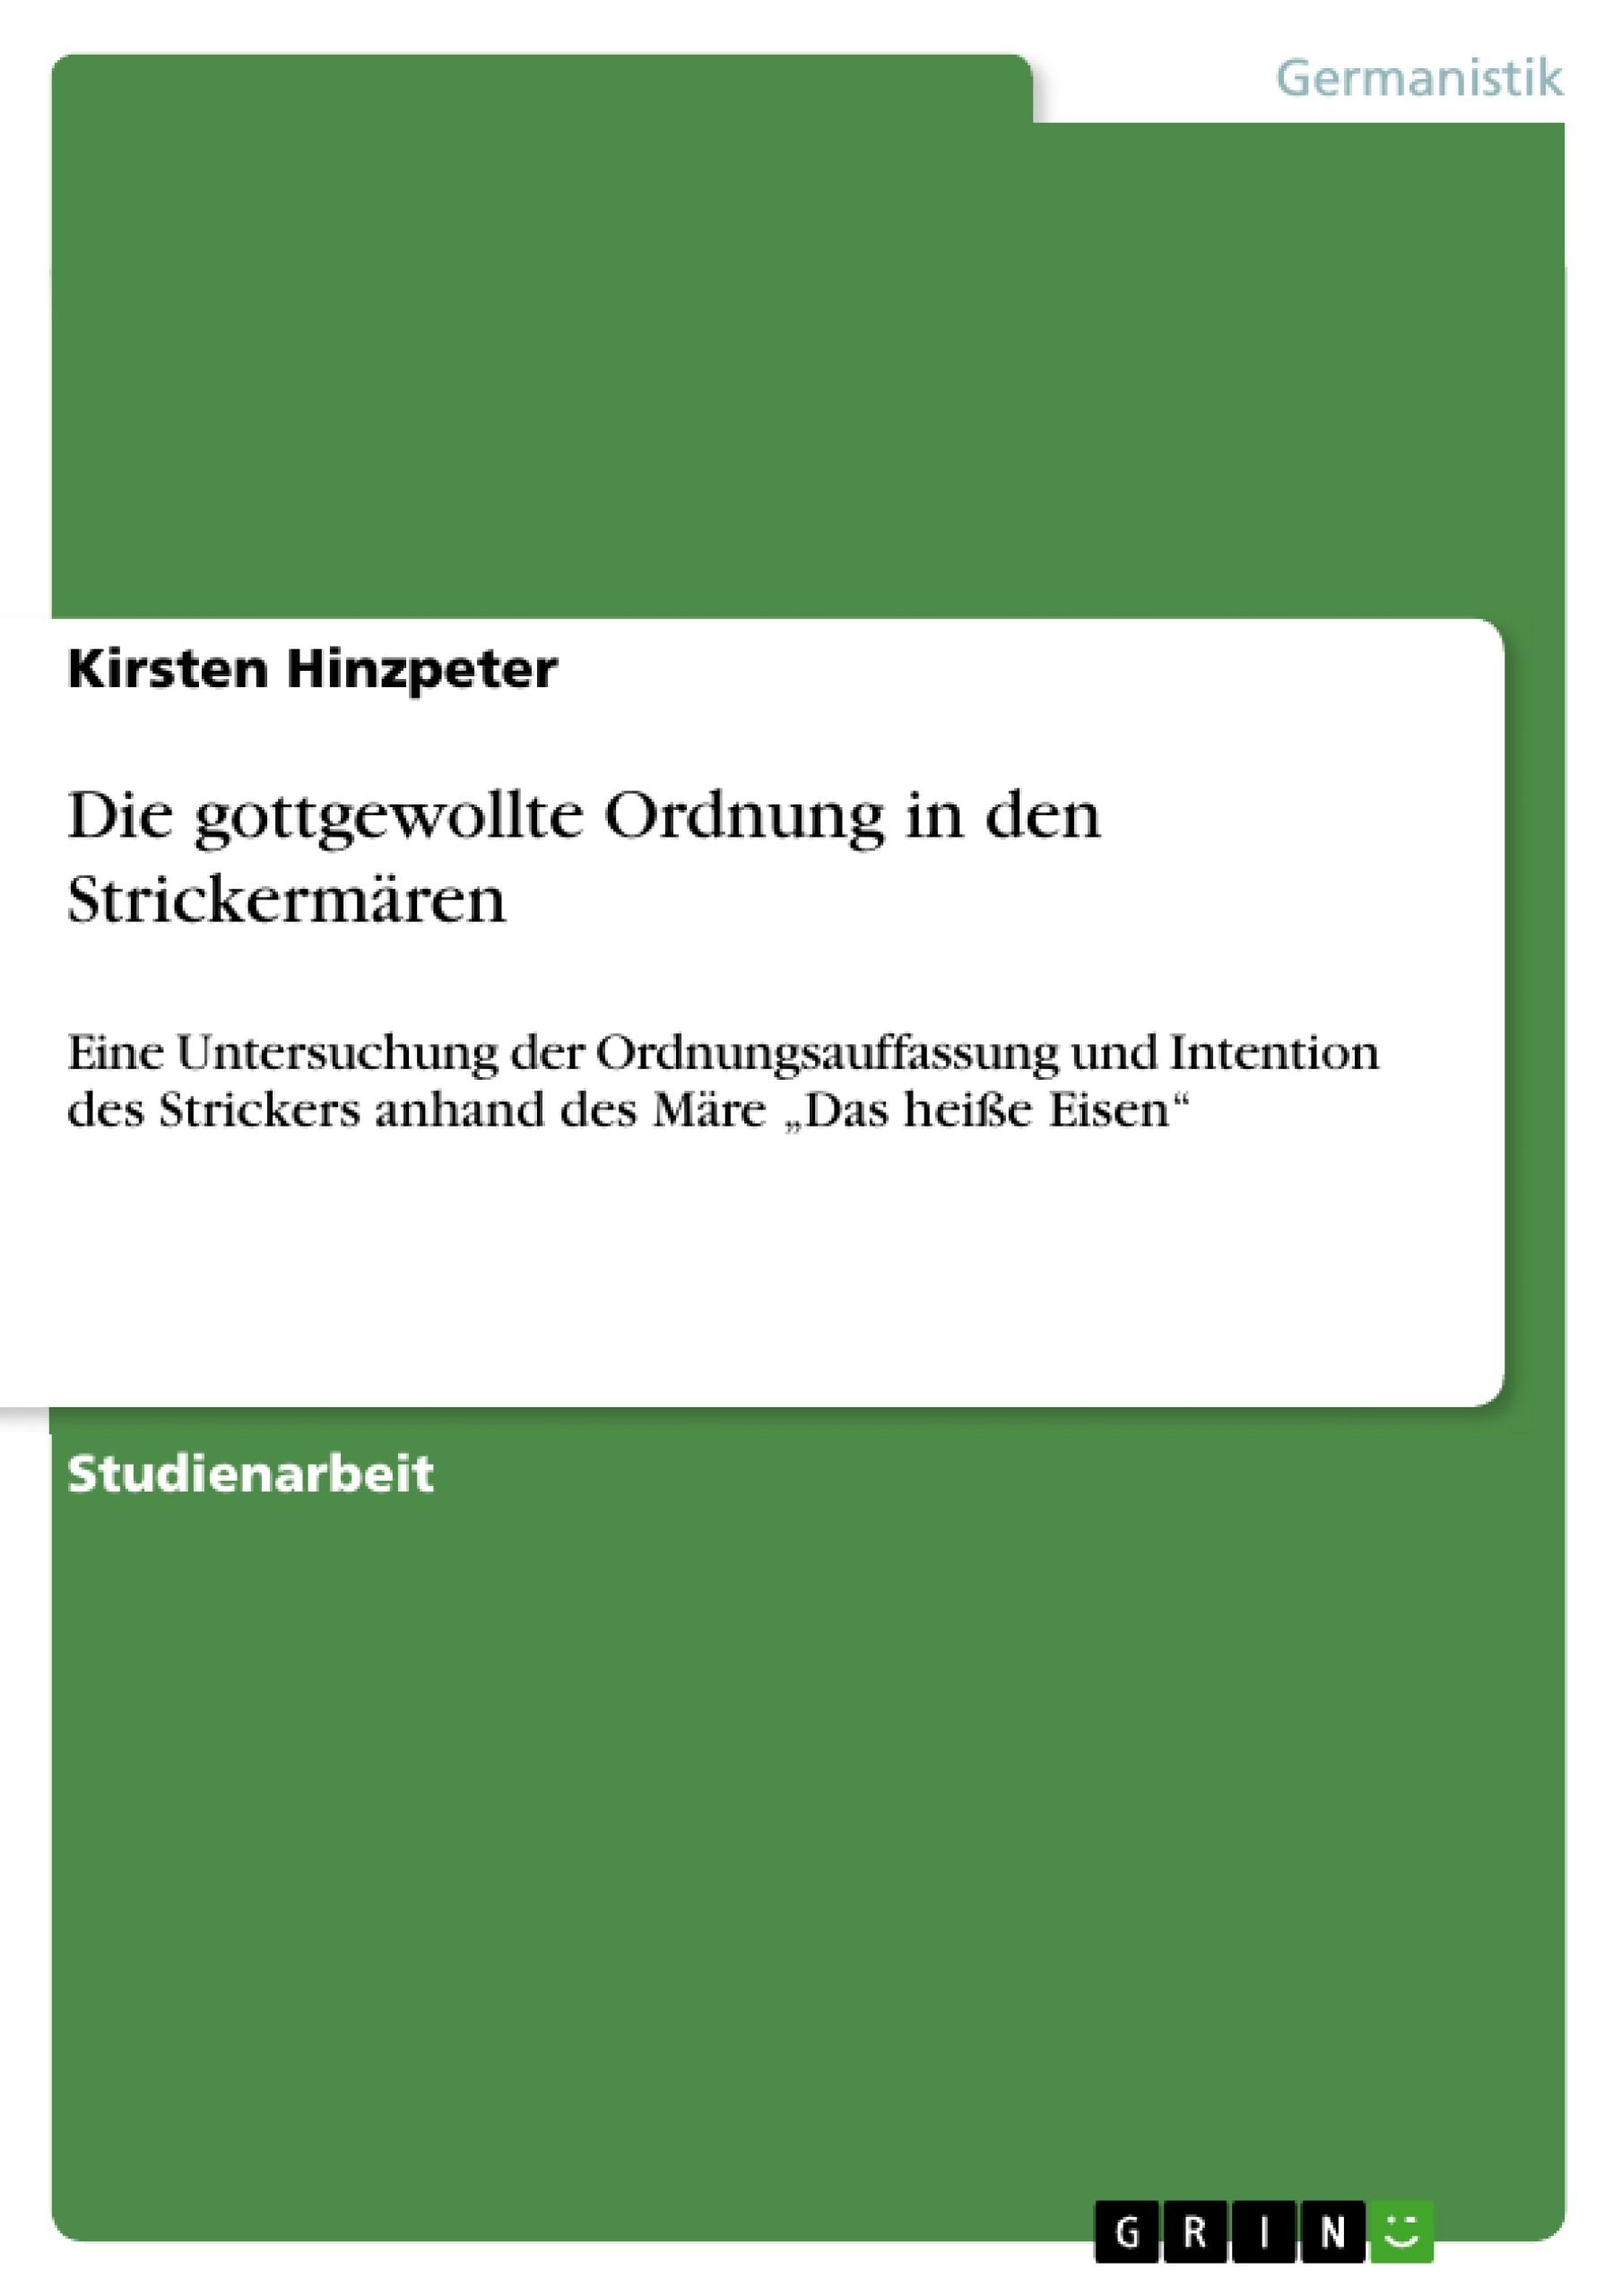 Titel: Die gottgewollte Ordnung in den Strickermären